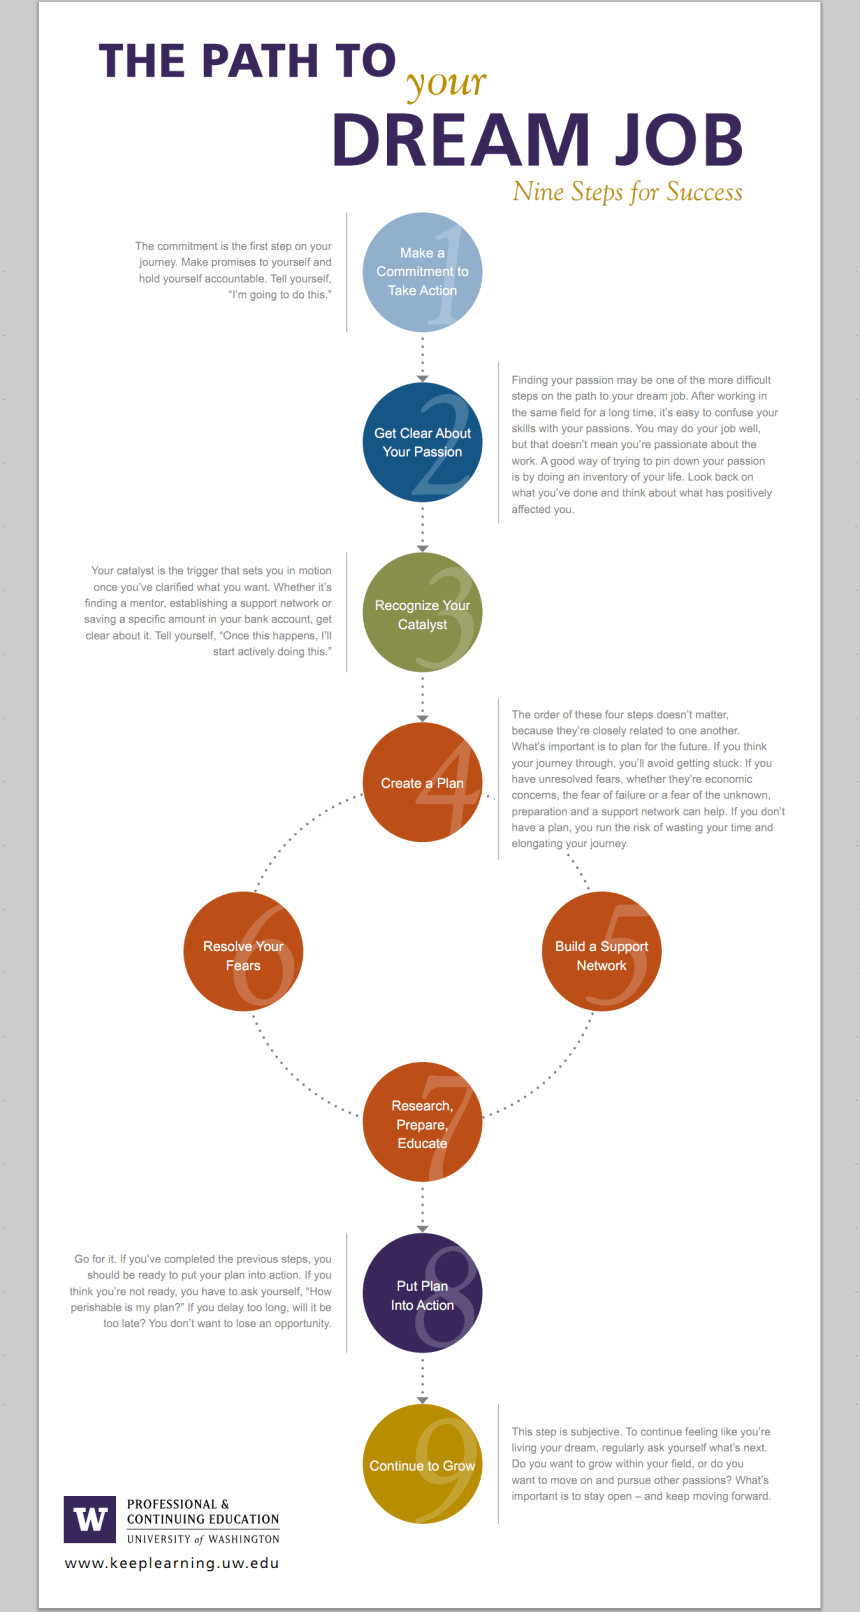 Las 9 etapas para descubrir el trabajo de tu vida